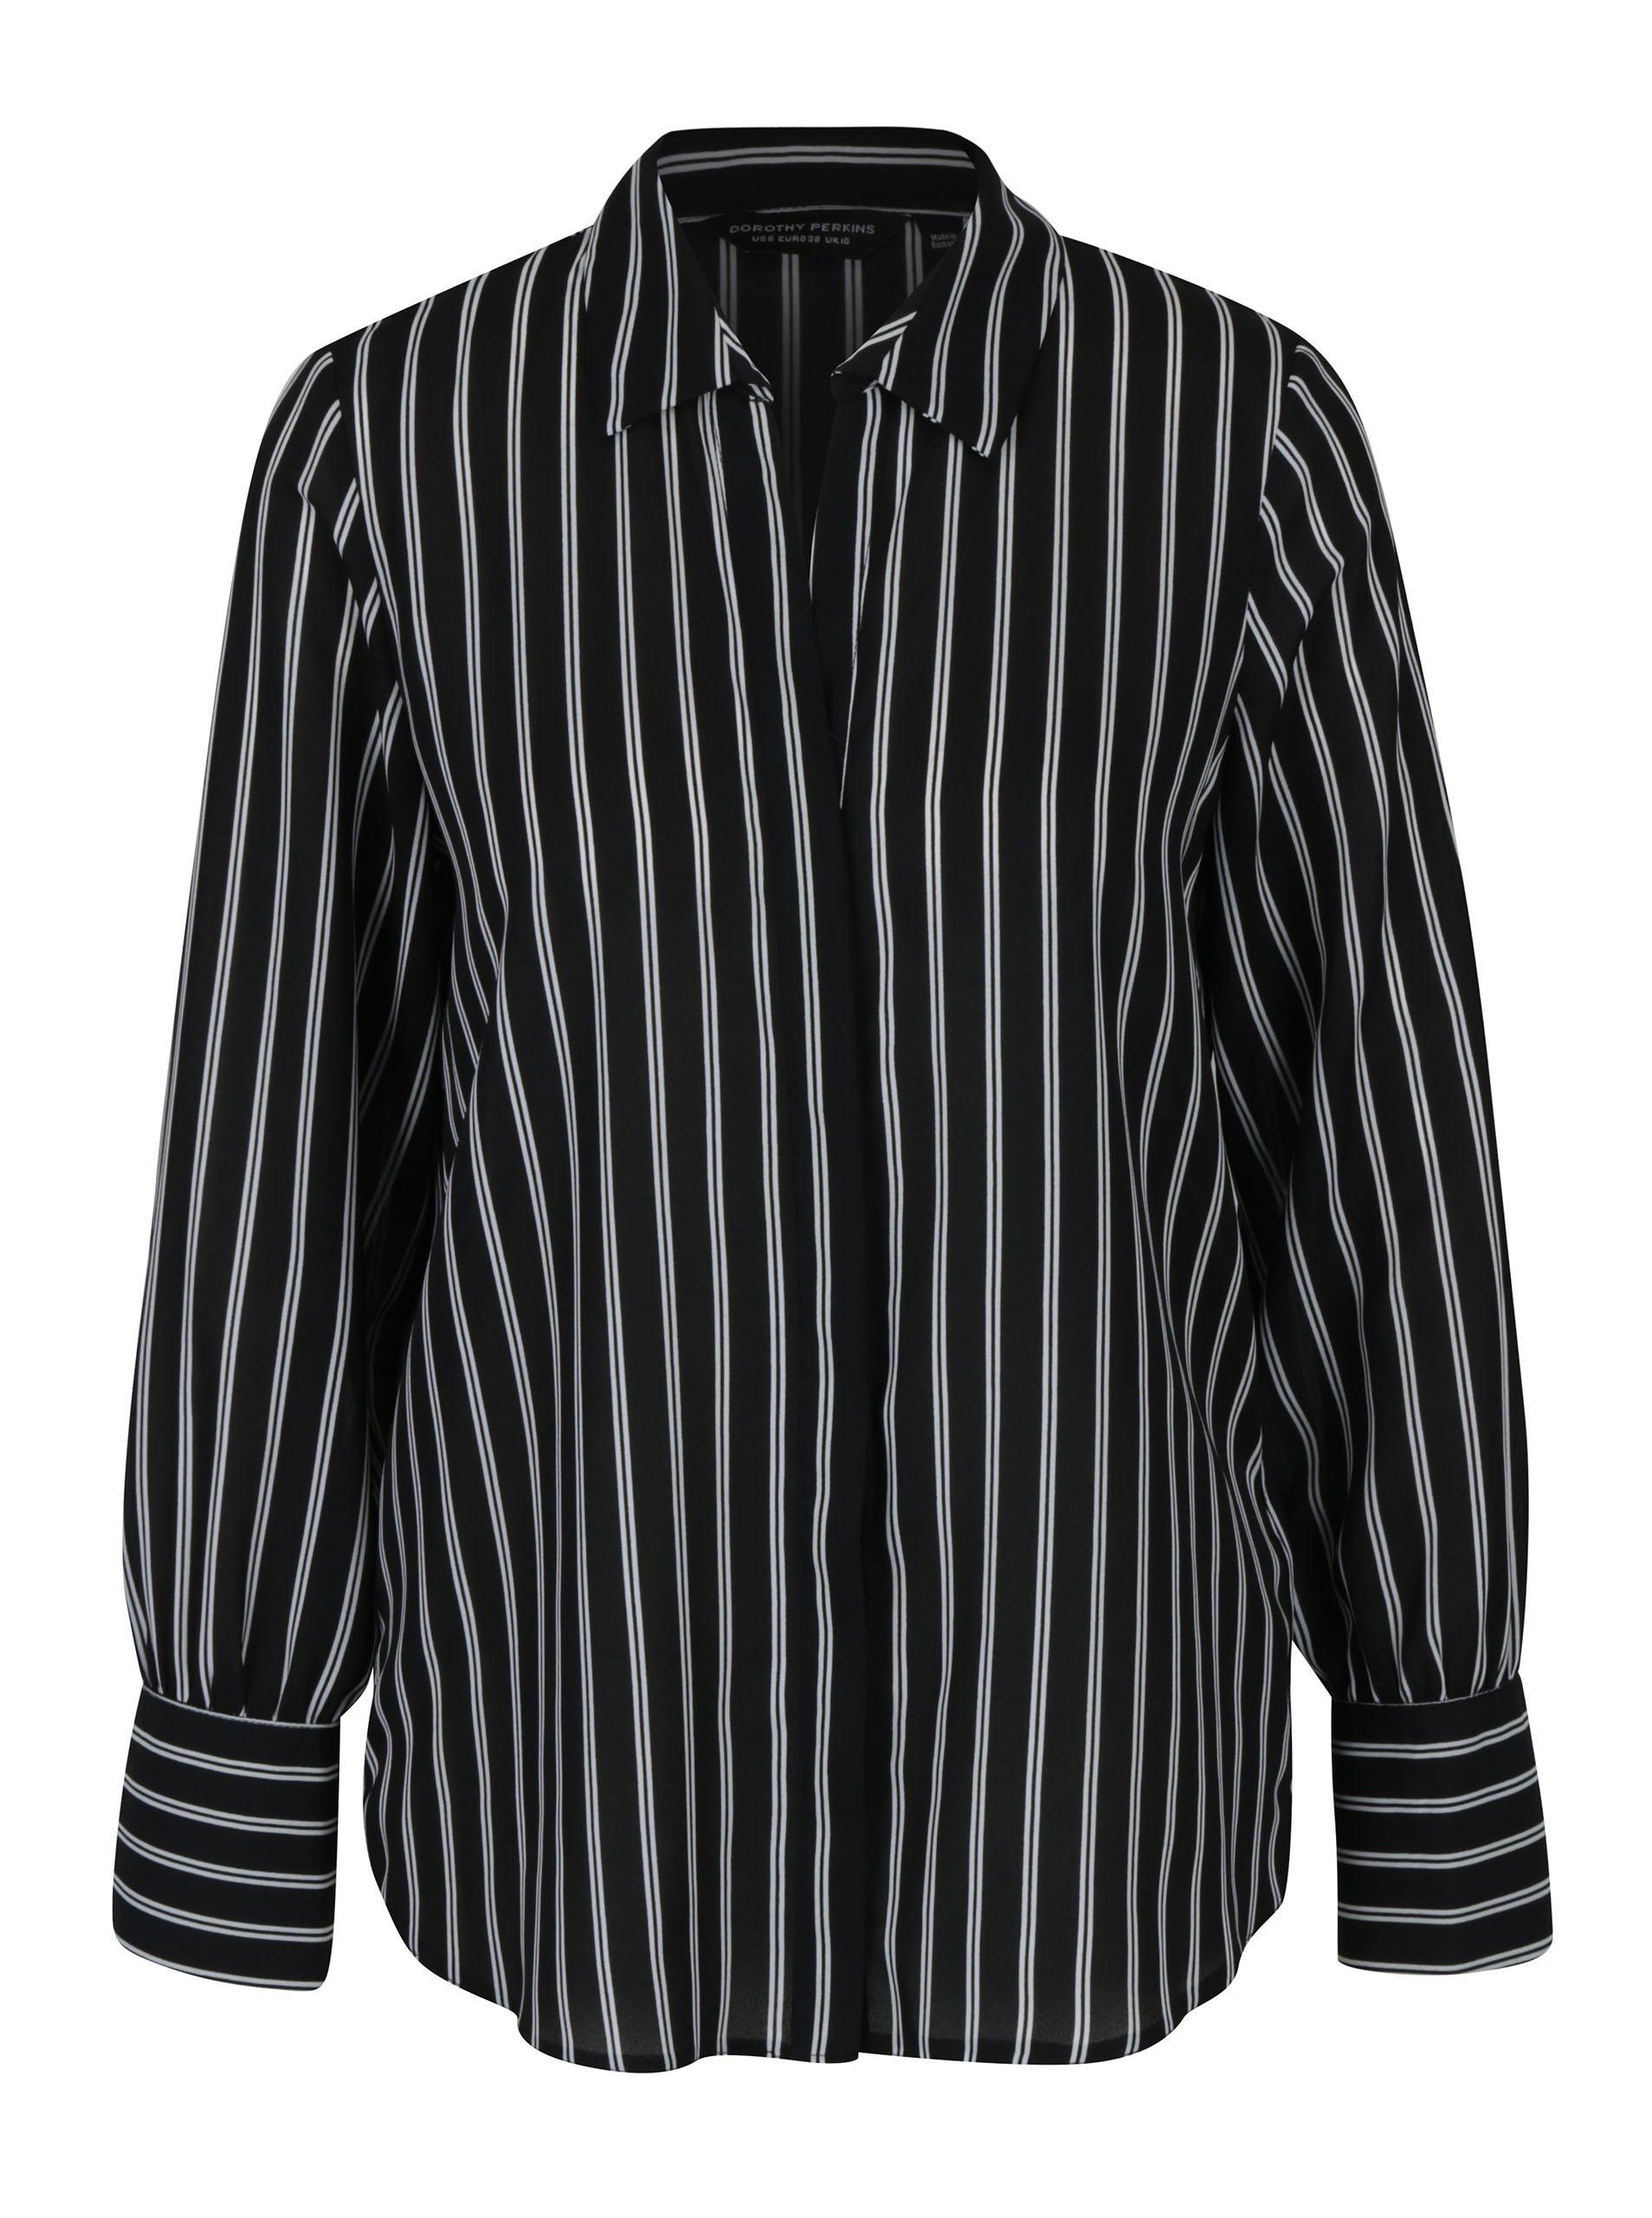 5ceec151d4e1 Čierno-biela pruhovaná košeľa Dorothy Perkins